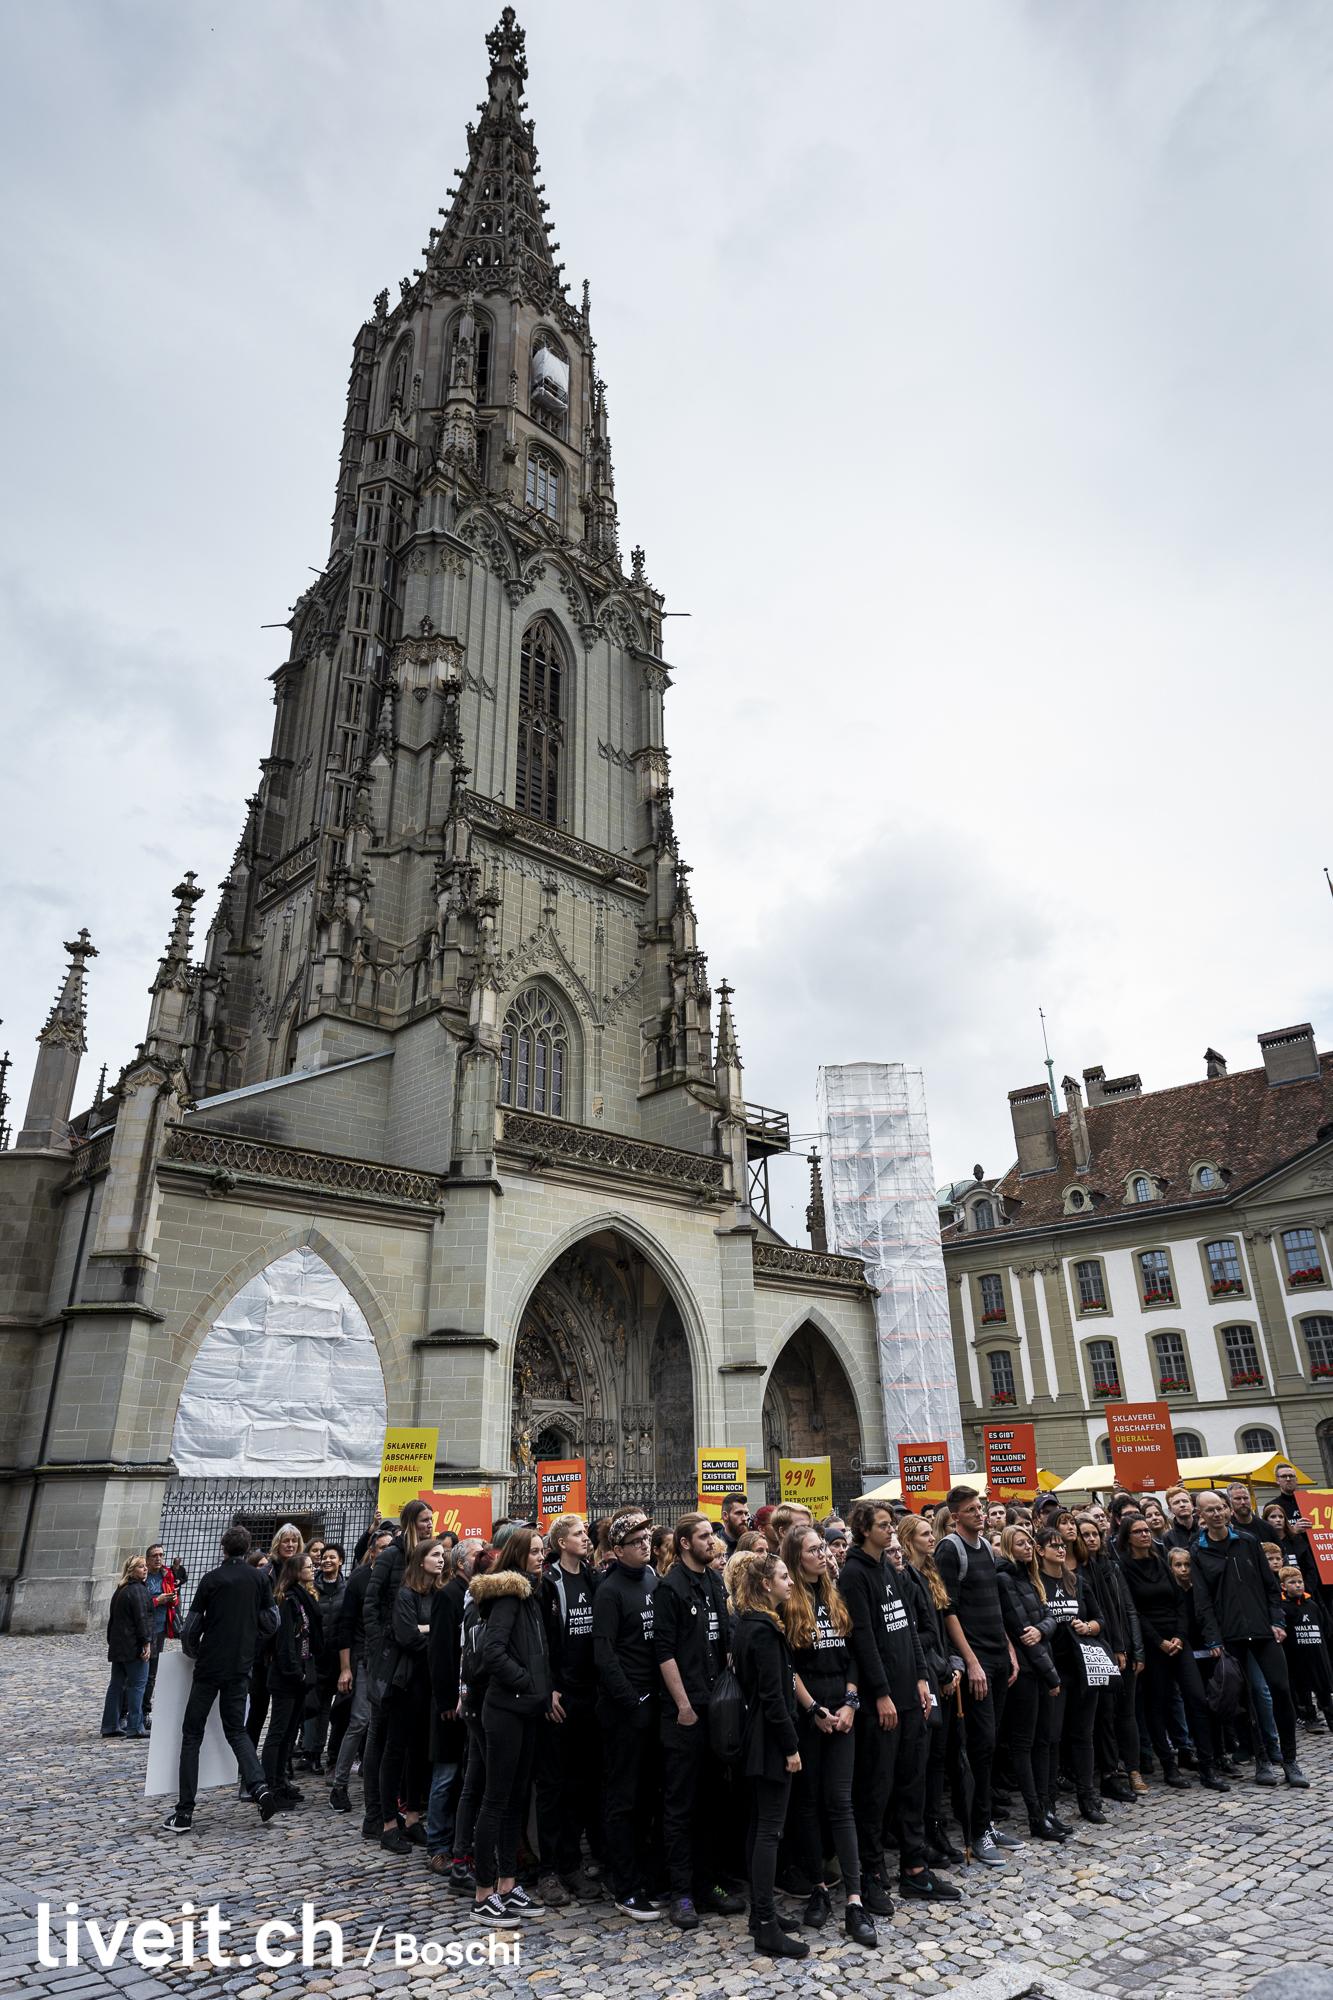 Demonstration gegen Sklaverei und Menschenhandel in Bern. Namentlich Walk for freedom (liveit.ch/boschi)